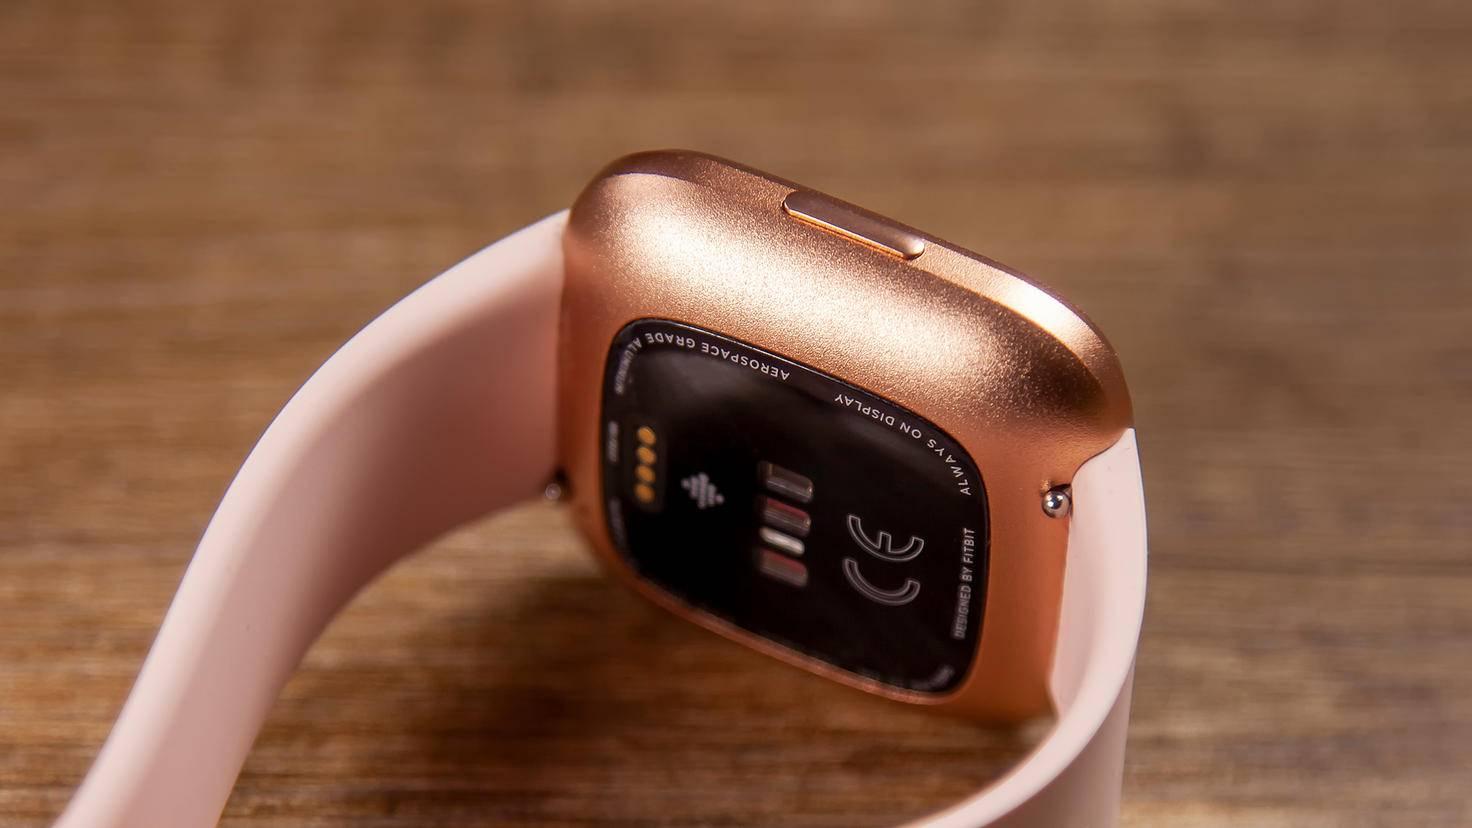 Der Sensor zur Herzfrequenzmessung befindet sich wie gewohnt auf der Rückseite des Gehäuses.